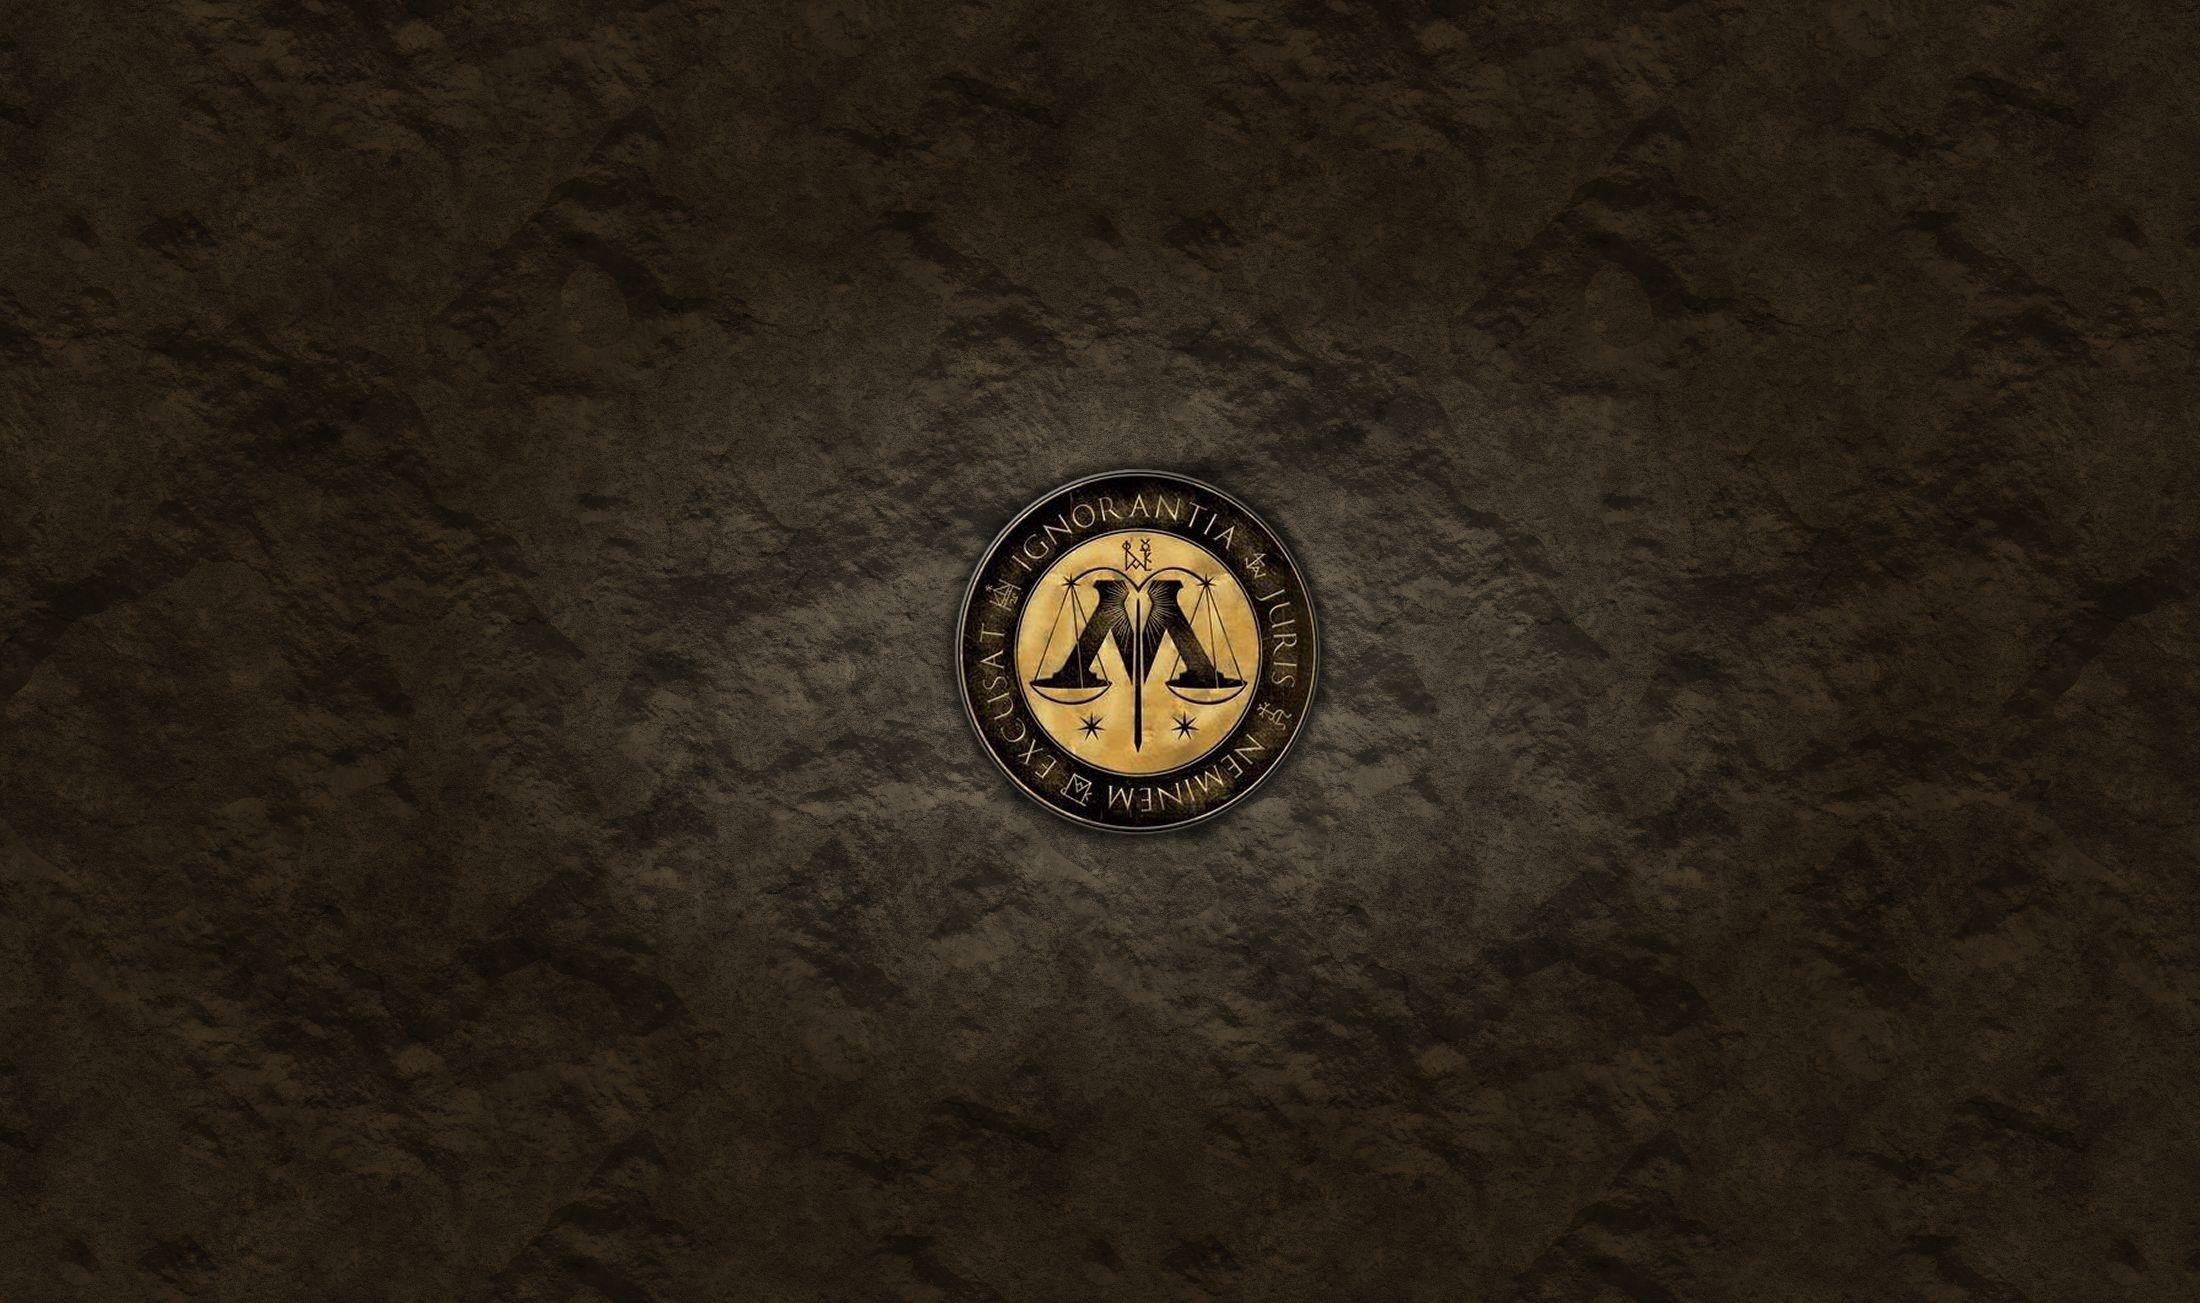 Download Wallpaper Harry Potter Macbook Air - e2efbf7b7564ca4d650090ff4359e8a0  Trends_655811.jpg